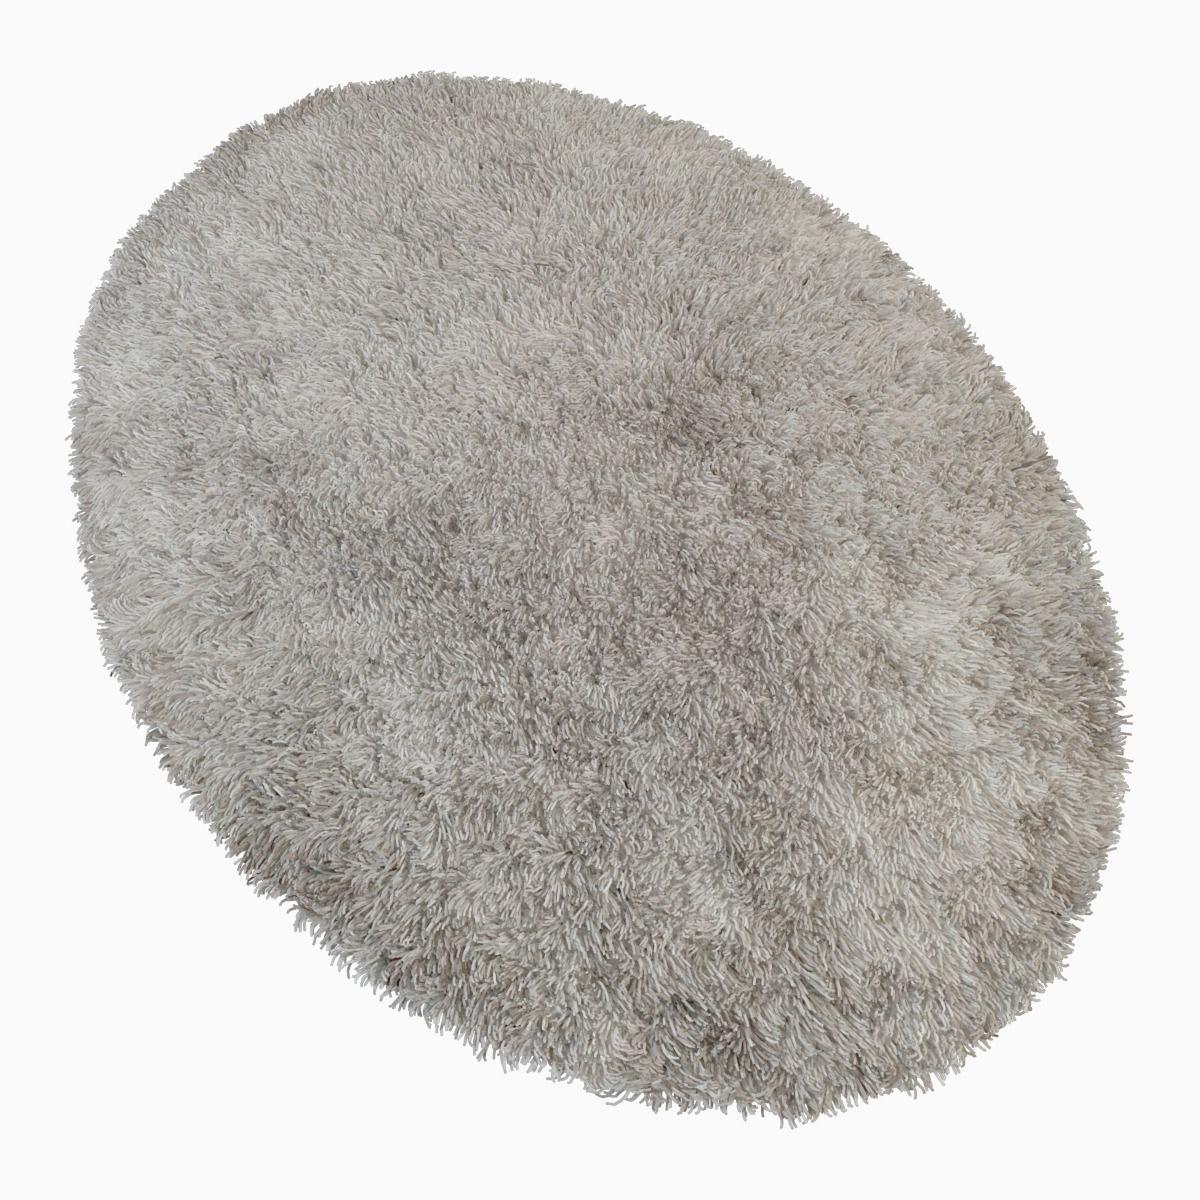 carpet grass. carpet grass h102-silver oval 3d model max 3